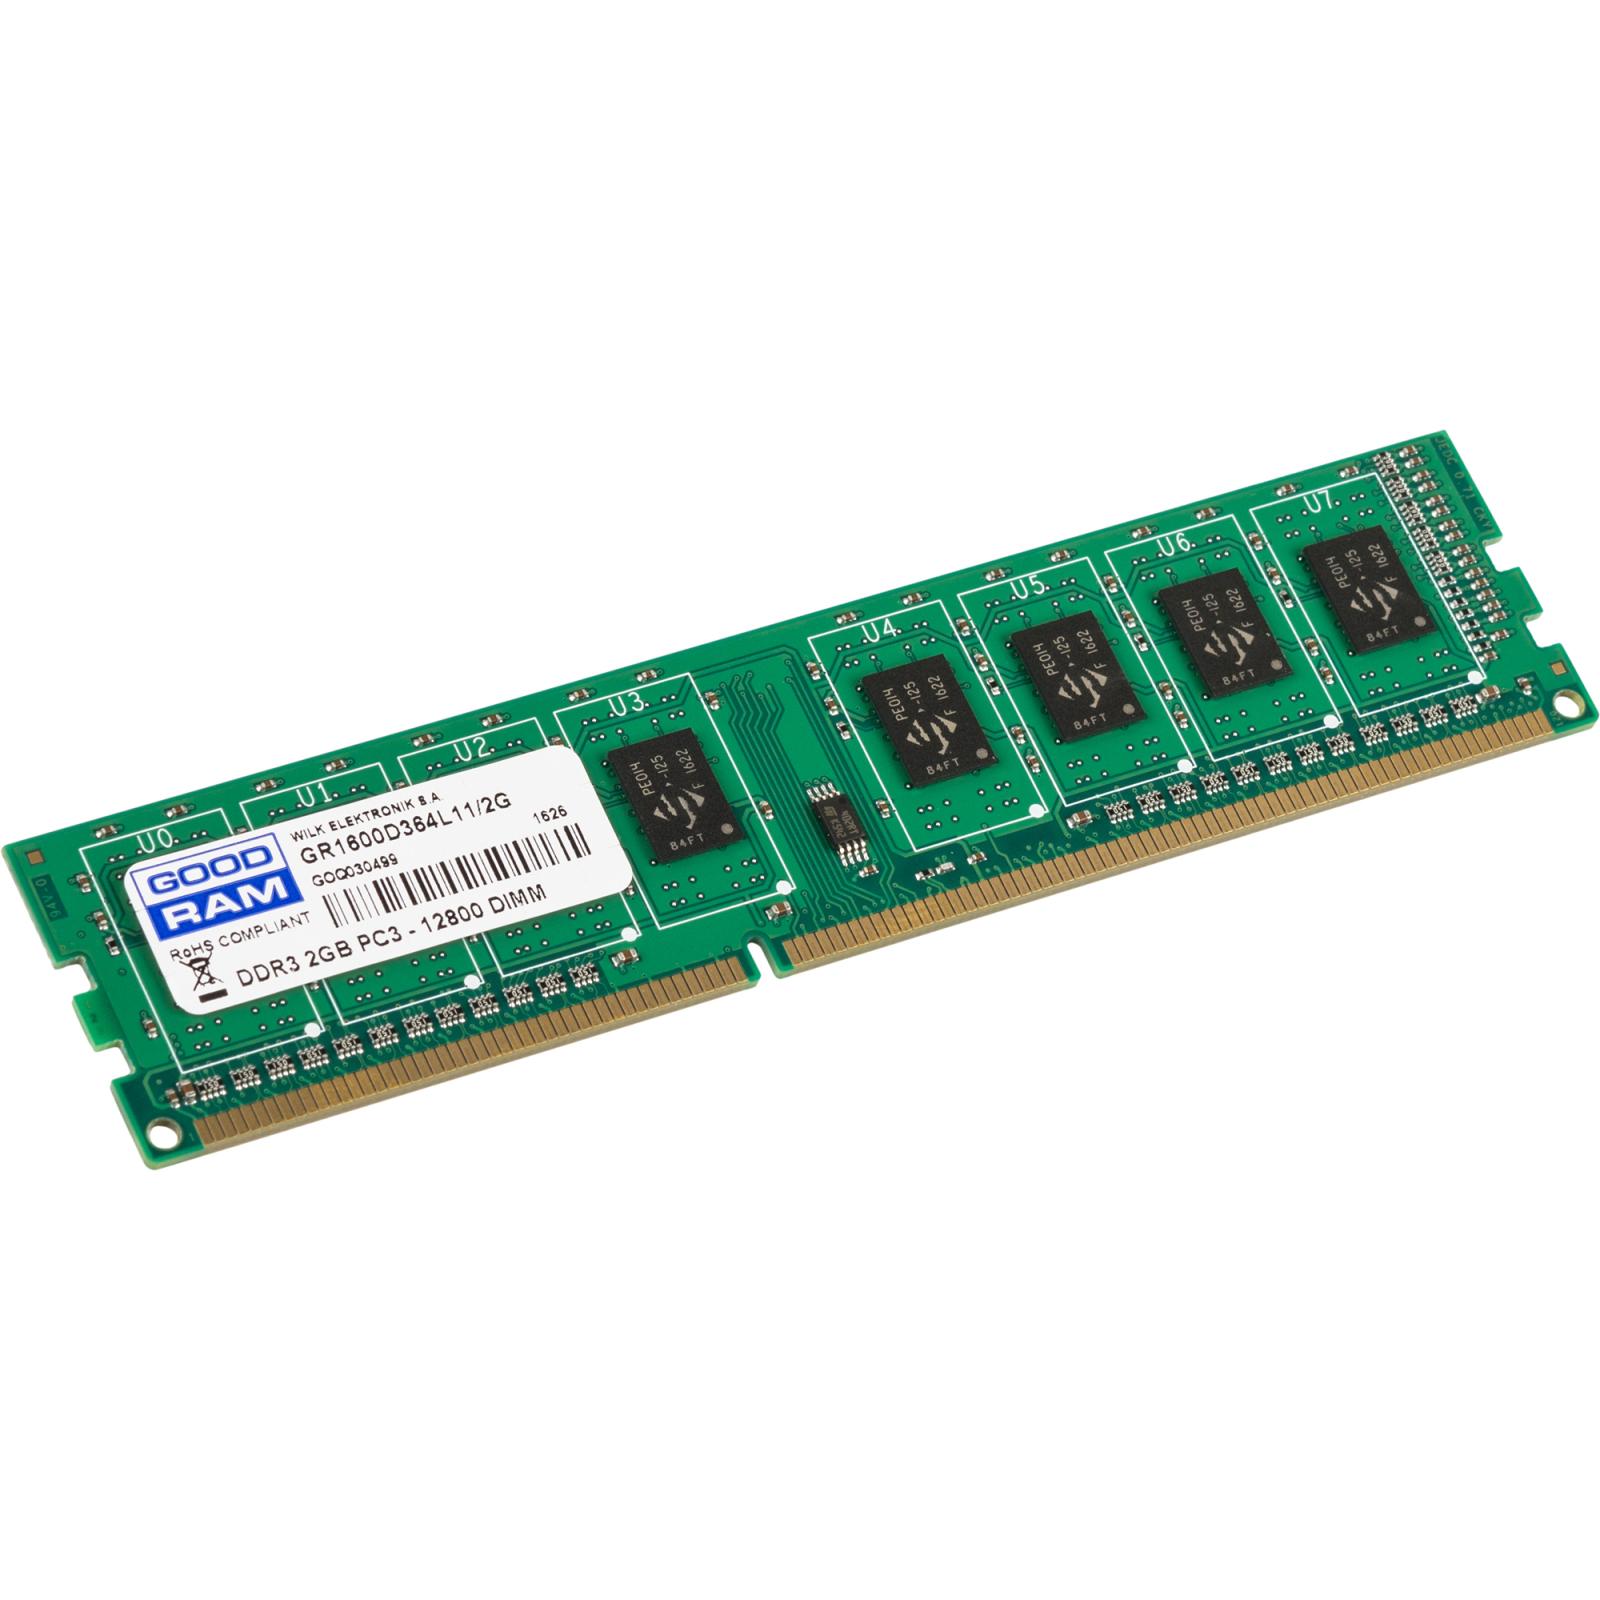 Модуль памяти для компьютера DDR3 2GB 1600 MHz GOODRAM (GR1600D364L11/2G) изображение 2